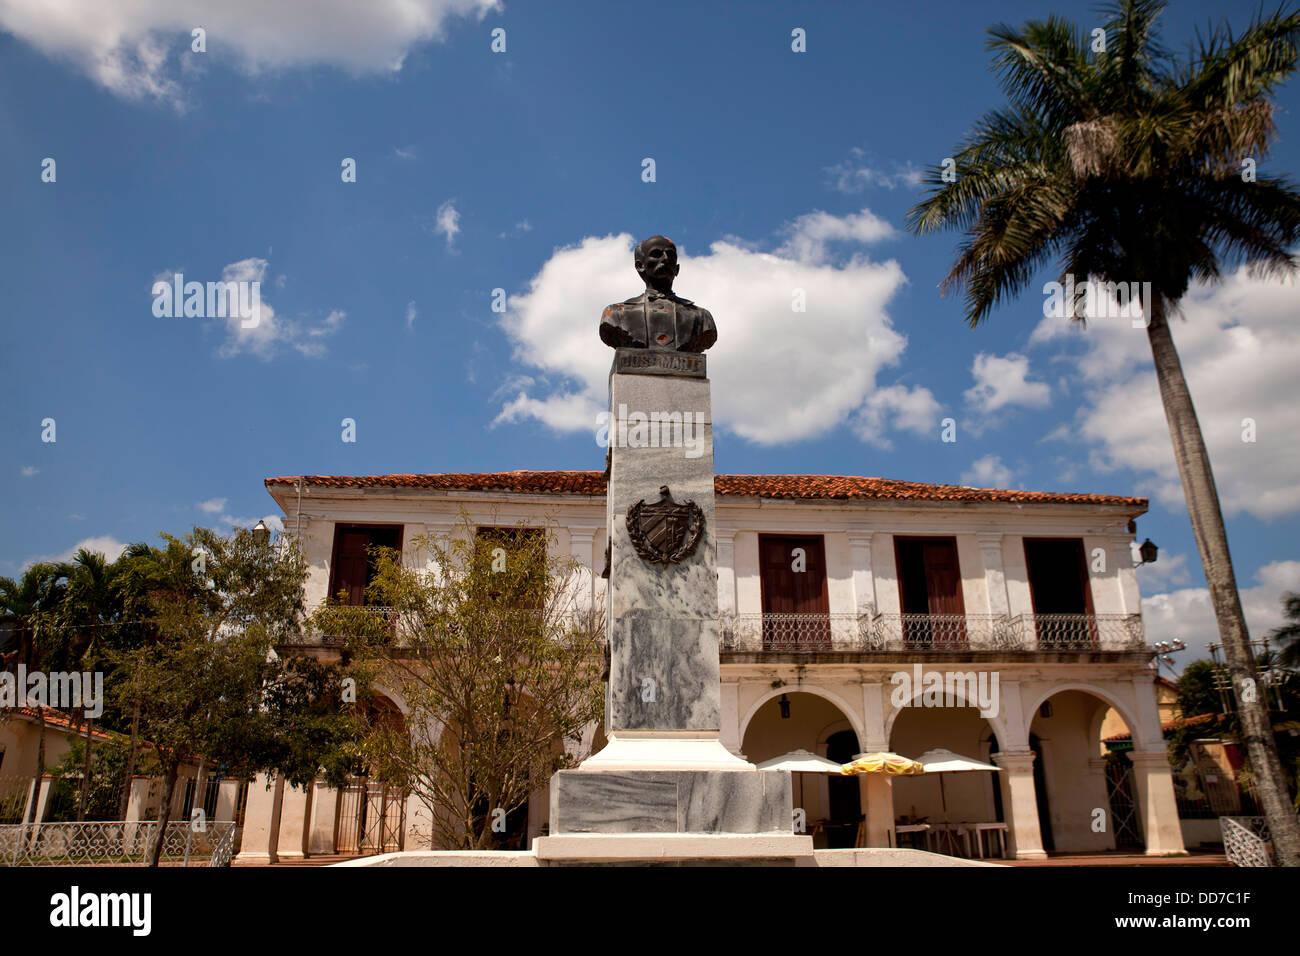 statue of Jose Marti and Casa de Cultura in Vinales, Vinales Valley, Pinar del Rio, Cuba, Caribbean - Stock Image